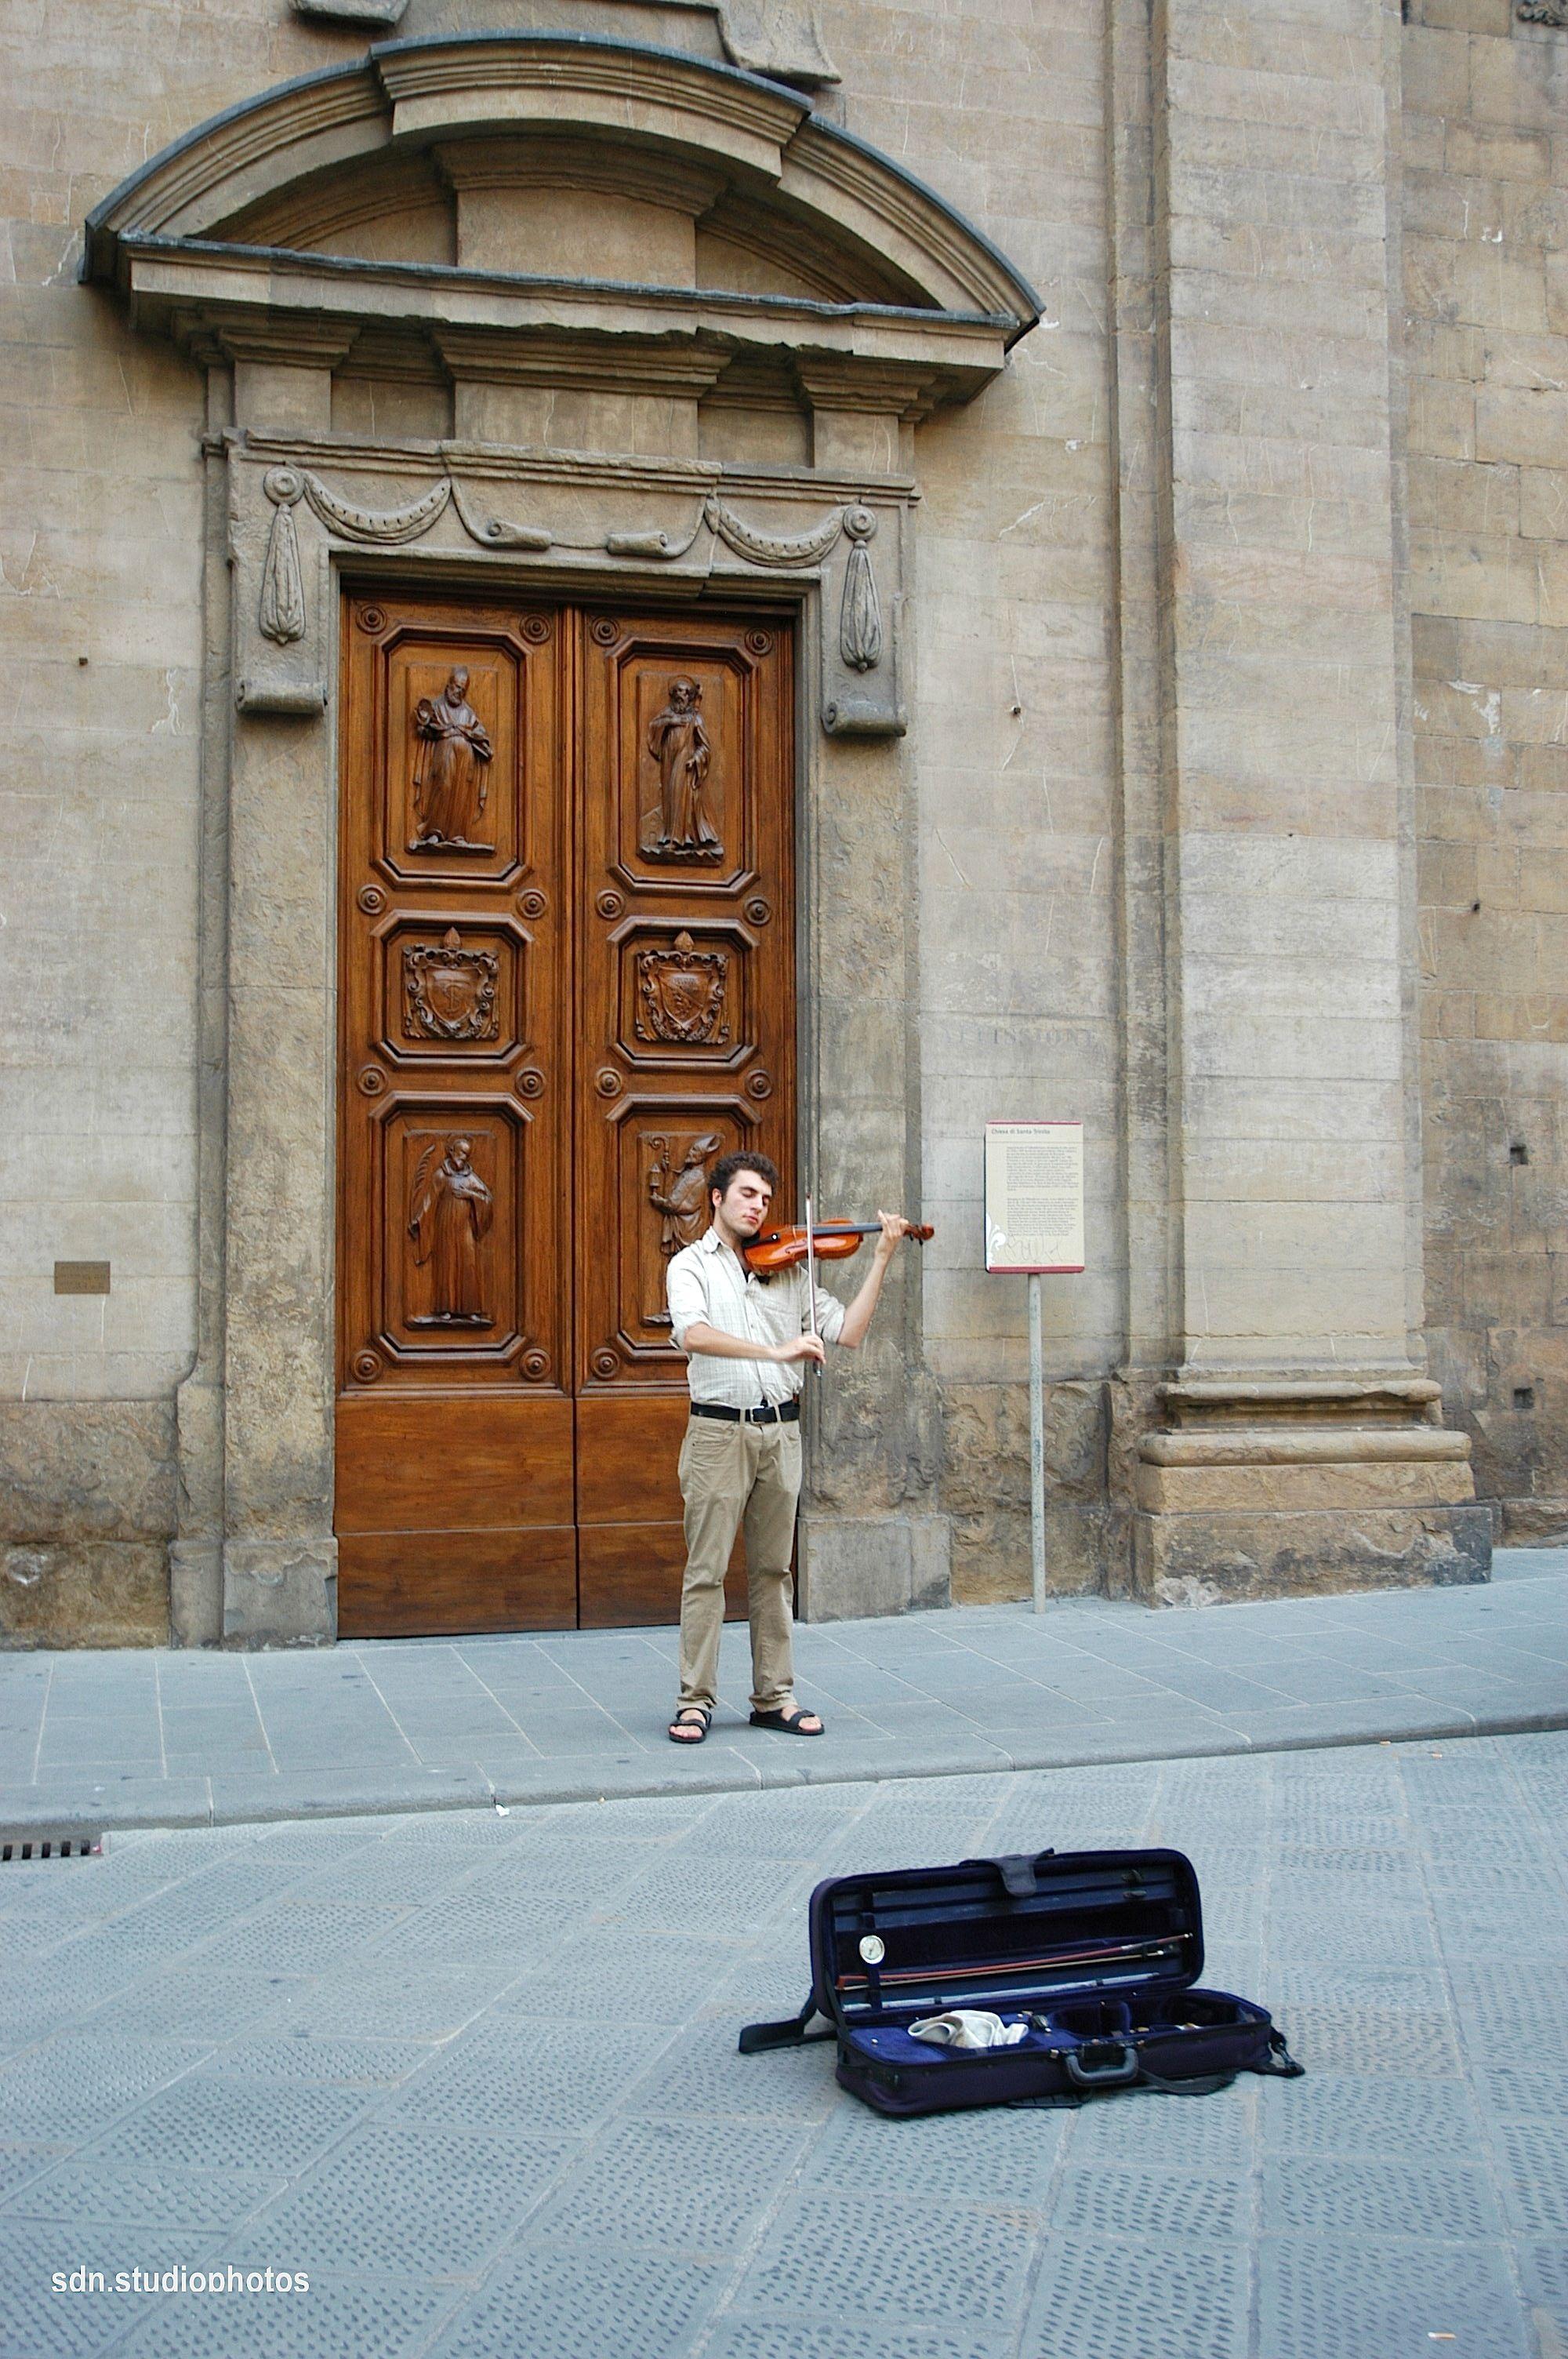 Piazza Santa Trinita, Firenze (Toscana, Italy) - by Silvana, agosto 2014